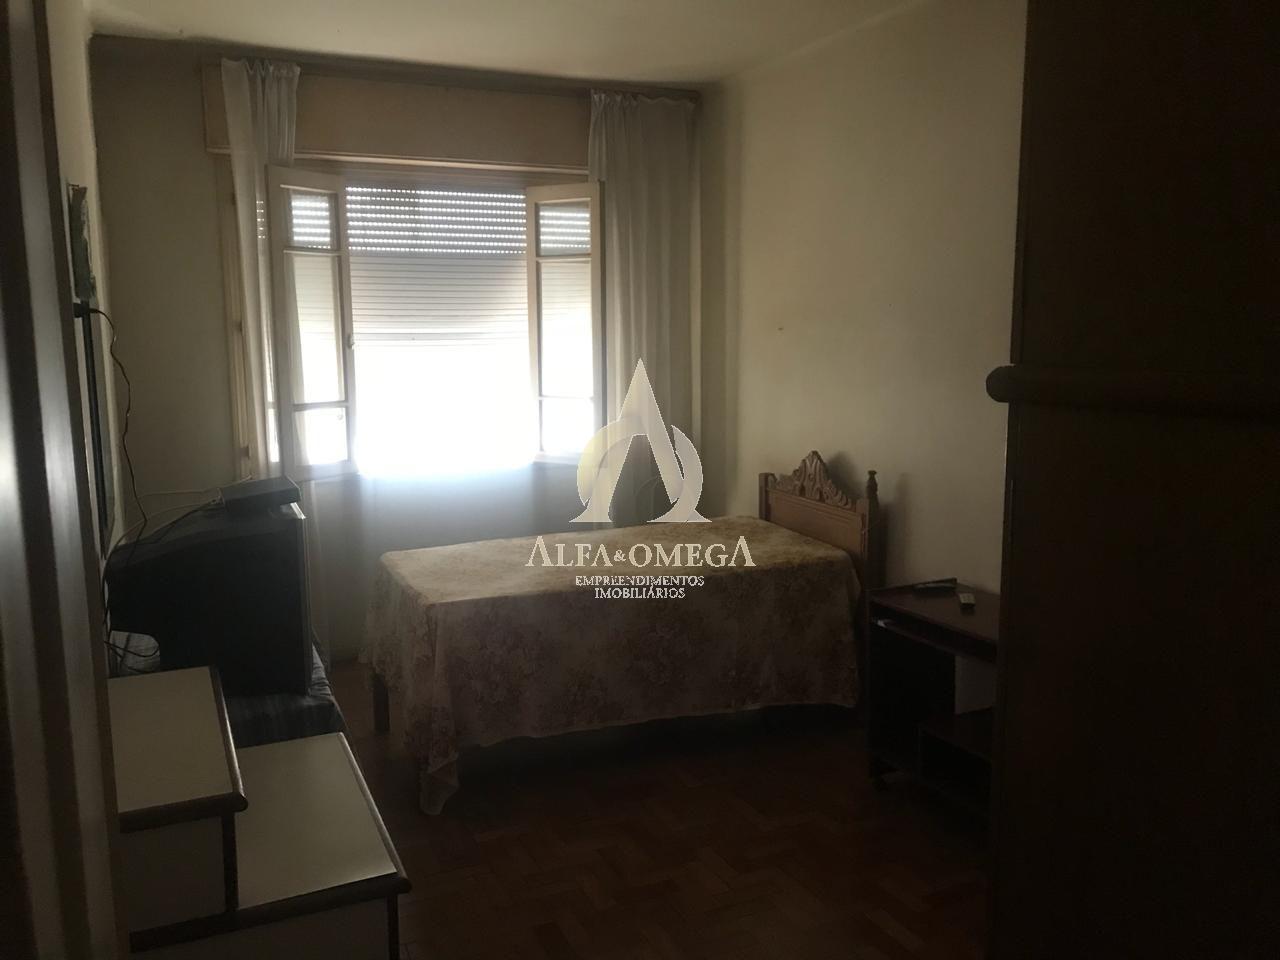 FOTO 6 - Apartamento Copacabana, Rio de Janeiro, RJ À Venda, 3 Quartos, 140m² - AOJ30003 - 7